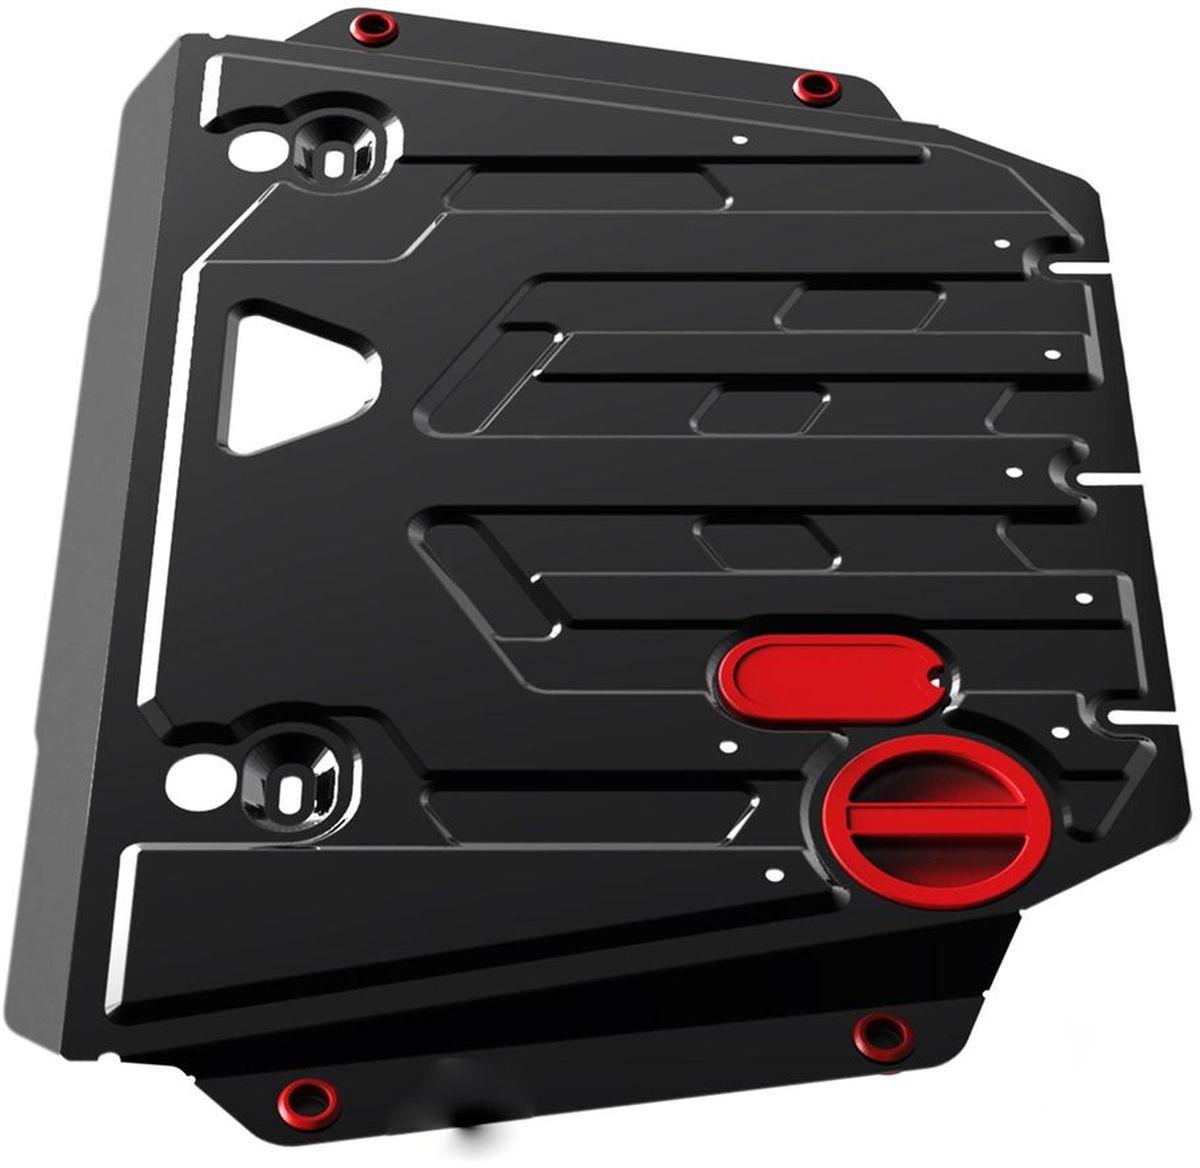 Защита картера и КПП Автоброня, для Honda Fit V - все (2001-2003)111.02111.1Технологически совершенный продукт за невысокую стоимость. Защита разработана с учетом особенностей днища автомобиля, что позволяет сохранить дорожный просвет с минимальным изменением. Защита устанавливается в штатные места кузова автомобиля. Глубокий штамп обеспечивает до двух раз больше жесткости в сравнении с обычной защитой той же толщины. Проштампованные ребра жесткости препятствуют деформации защиты при ударах. Тепловой зазор и вентиляционные отверстия обеспечивают сохранение температурного режима двигателя в норме. Скрытый крепеж предотвращает срыв крепежных элементов при наезде на препятствие. Шумопоглощающие резиновые элементы обеспечивают комфортную езду без вибраций и скрежета металла, а съемные лючки для слива масла и замены фильтра - экономию средств и время. Конструкция изделия не влияет на пассивную безопасность автомобиля (при ударе защита не воздействует на деформационные зоны кузова). Со штатным крепежом. В комплекте инструкция по установке....